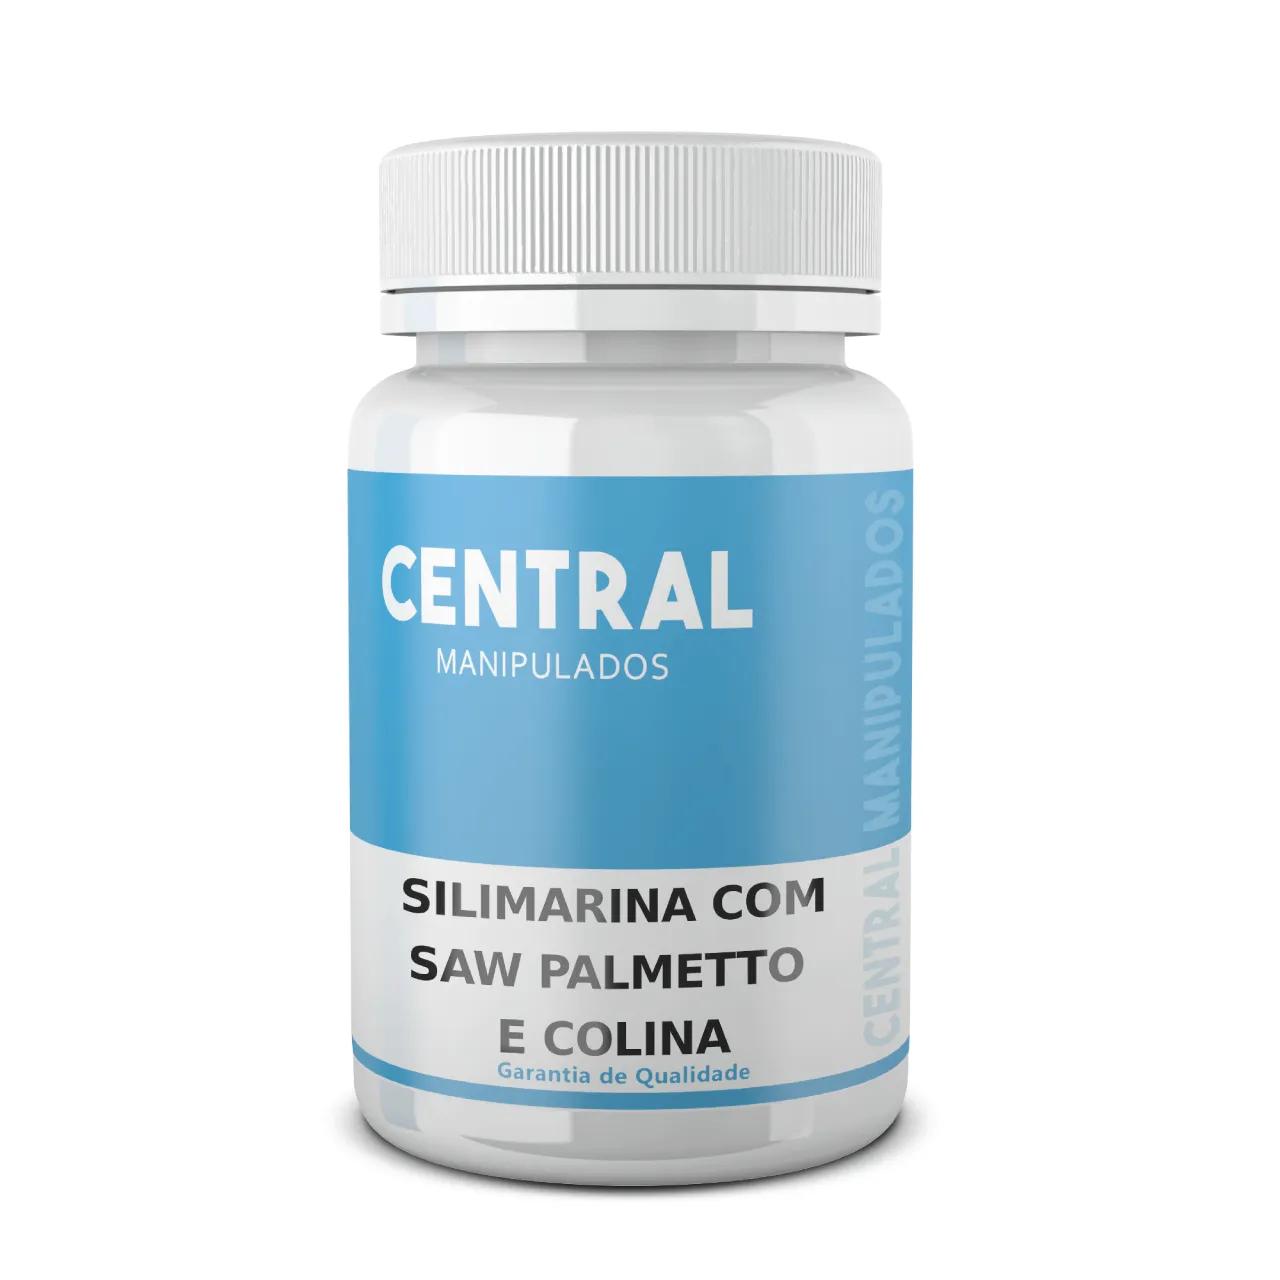 Saw Palmetto 160mg + Silimarina 200mg + Colina 10mg- 90 Cápsulas - Prevenção de doenças da Próstata, Anti-inflamatória, Protetor do Fígado, Melhora da memória